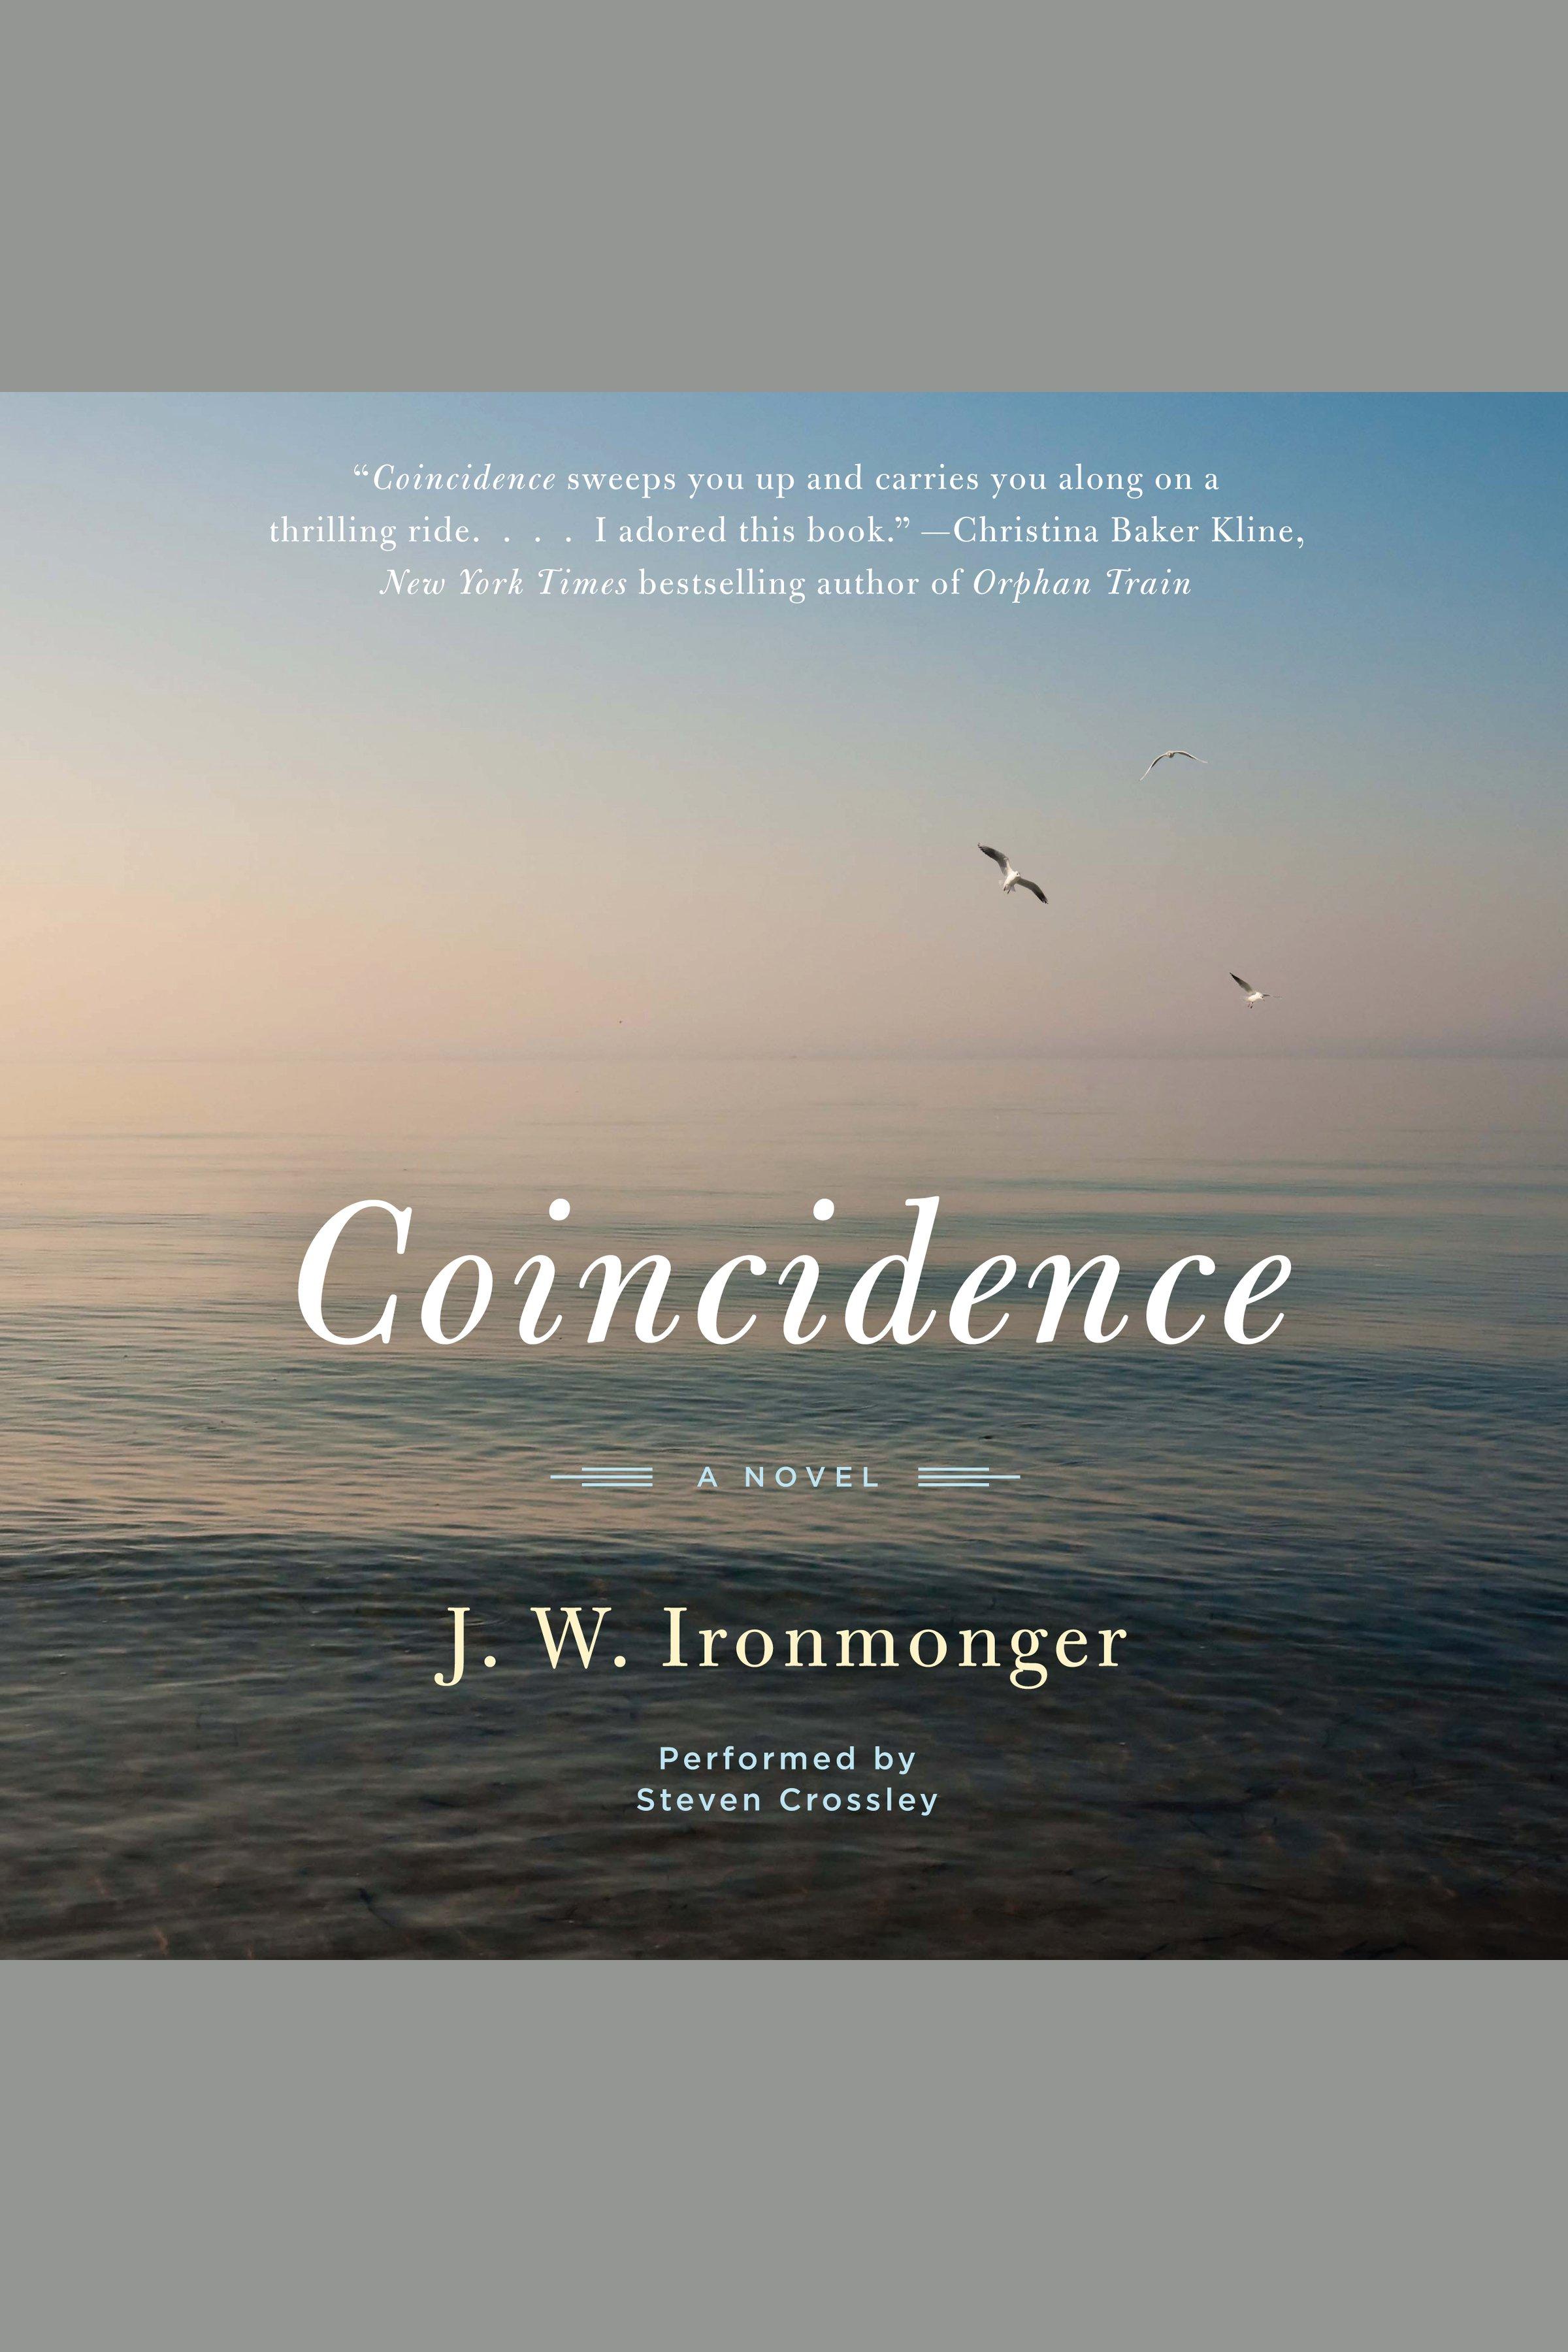 Esta es la portada del audiolibro Coincidence